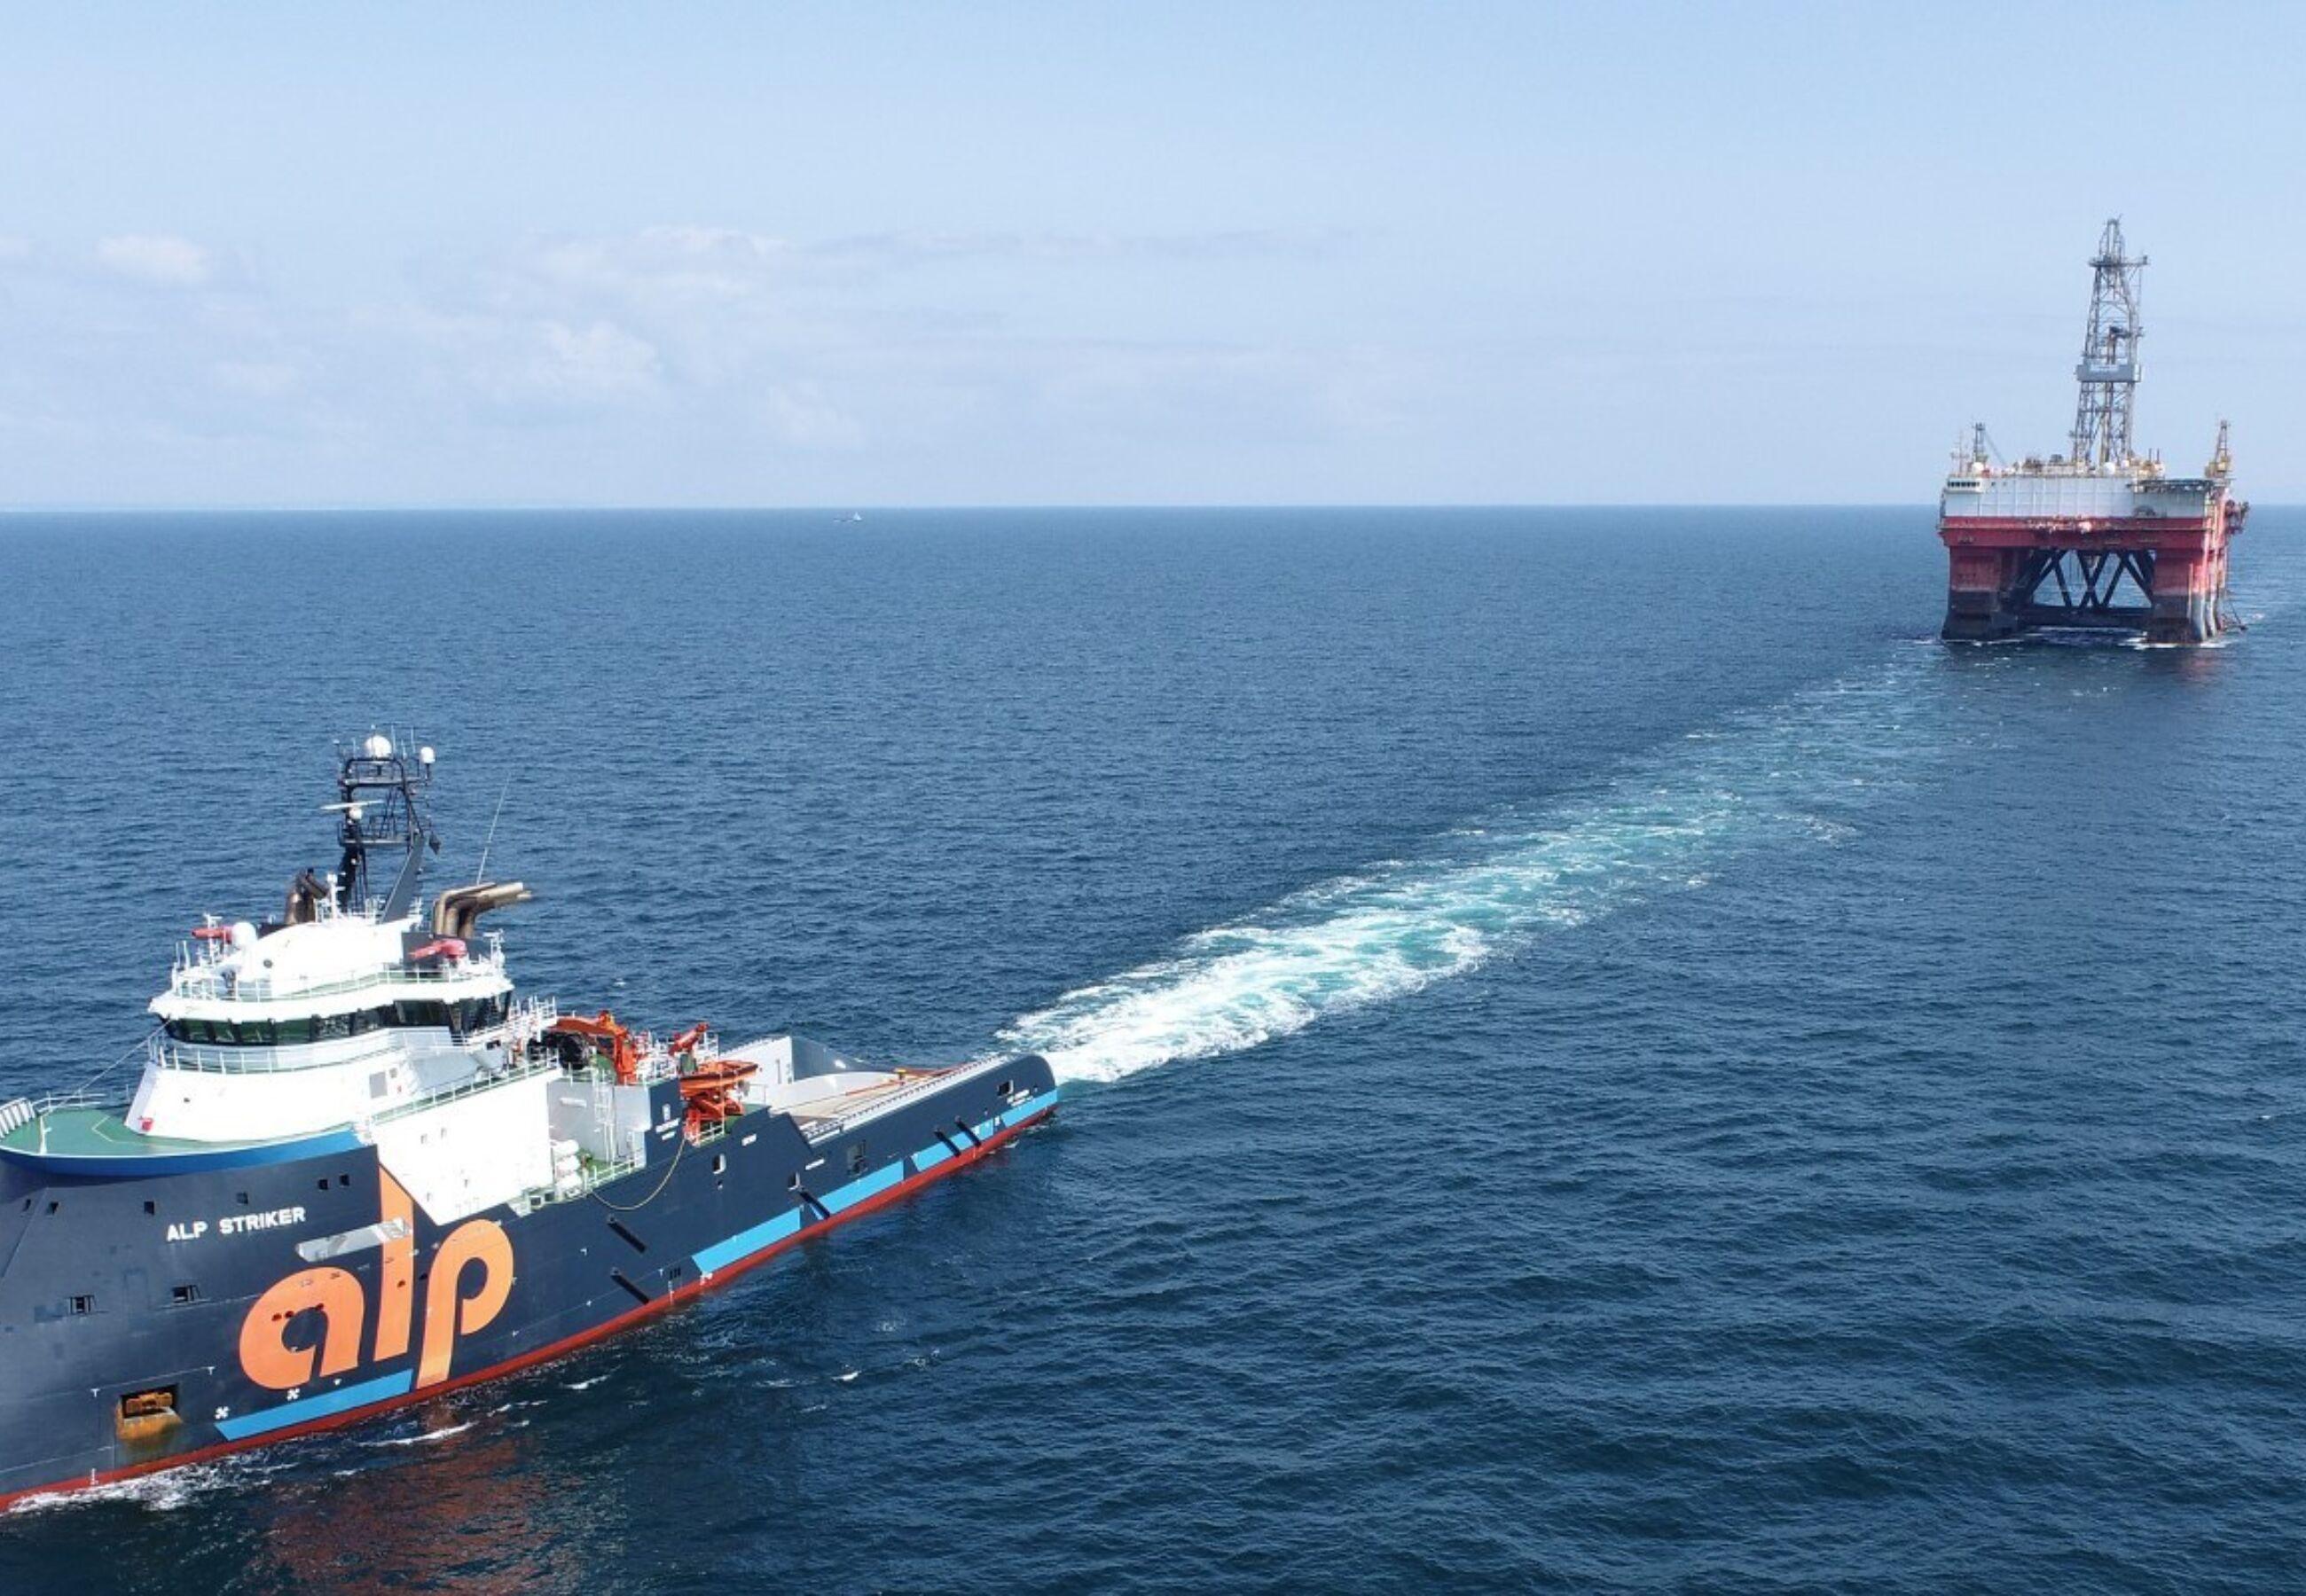 ALP Striker towing West Pegasus Sept2021 2